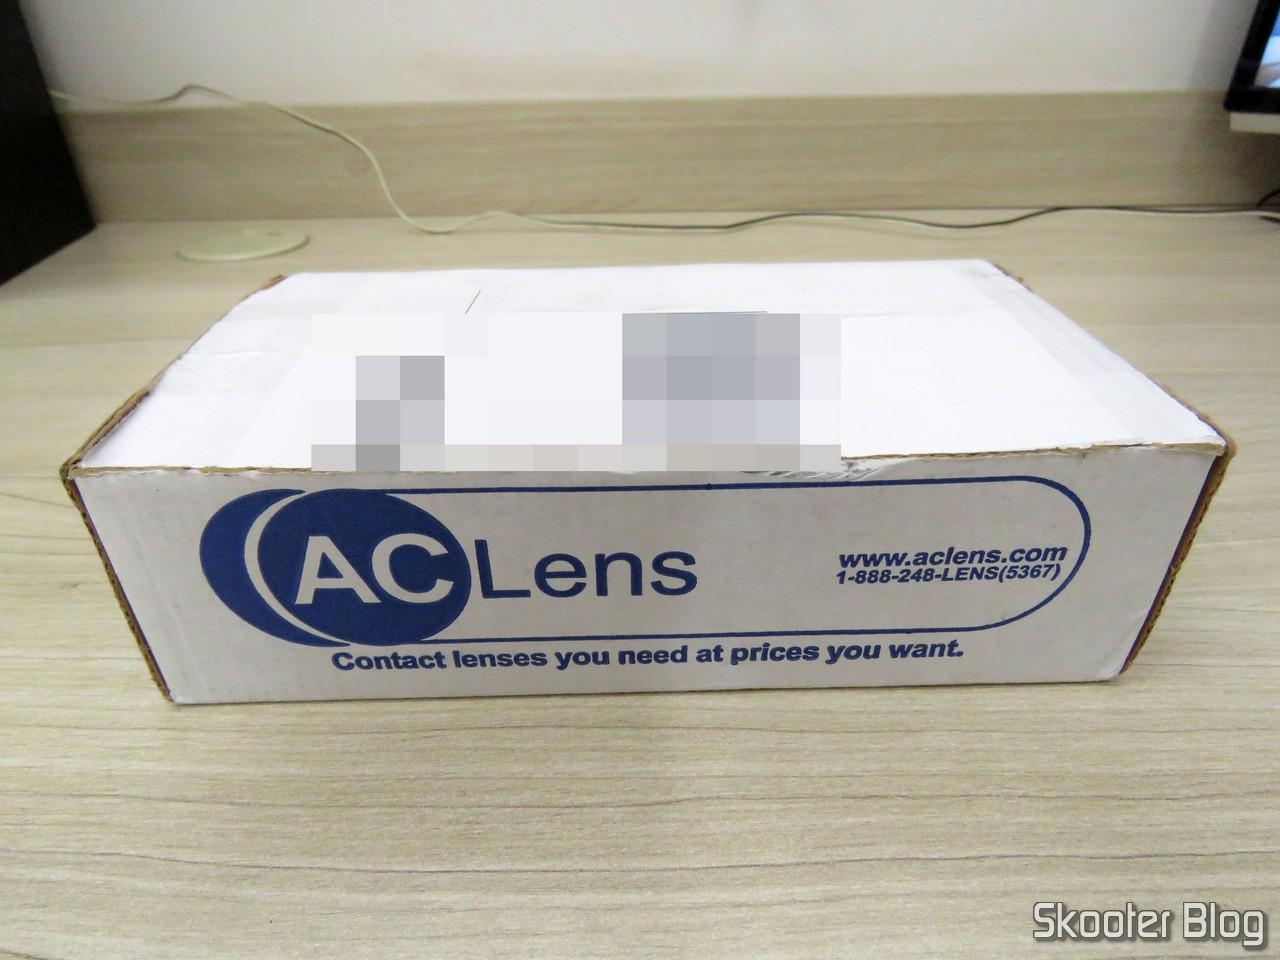 ac899e7b6 Caixa da AC Lens com as Lentes de Contato Asféricas Coopervision Frequency  55 Aspheric + Estojo